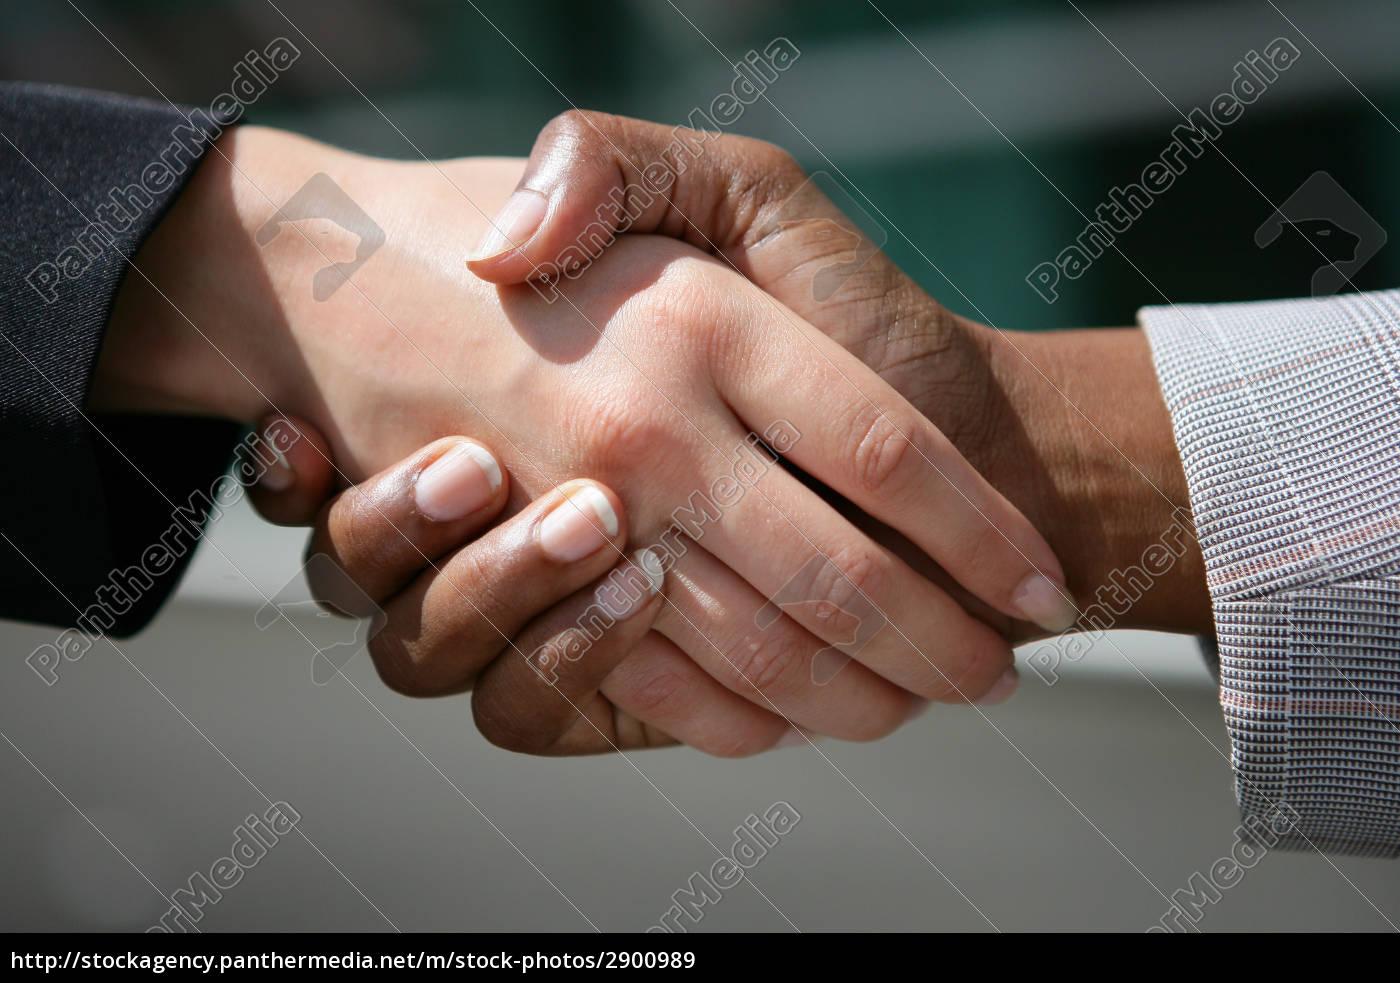 handshake - 2900989